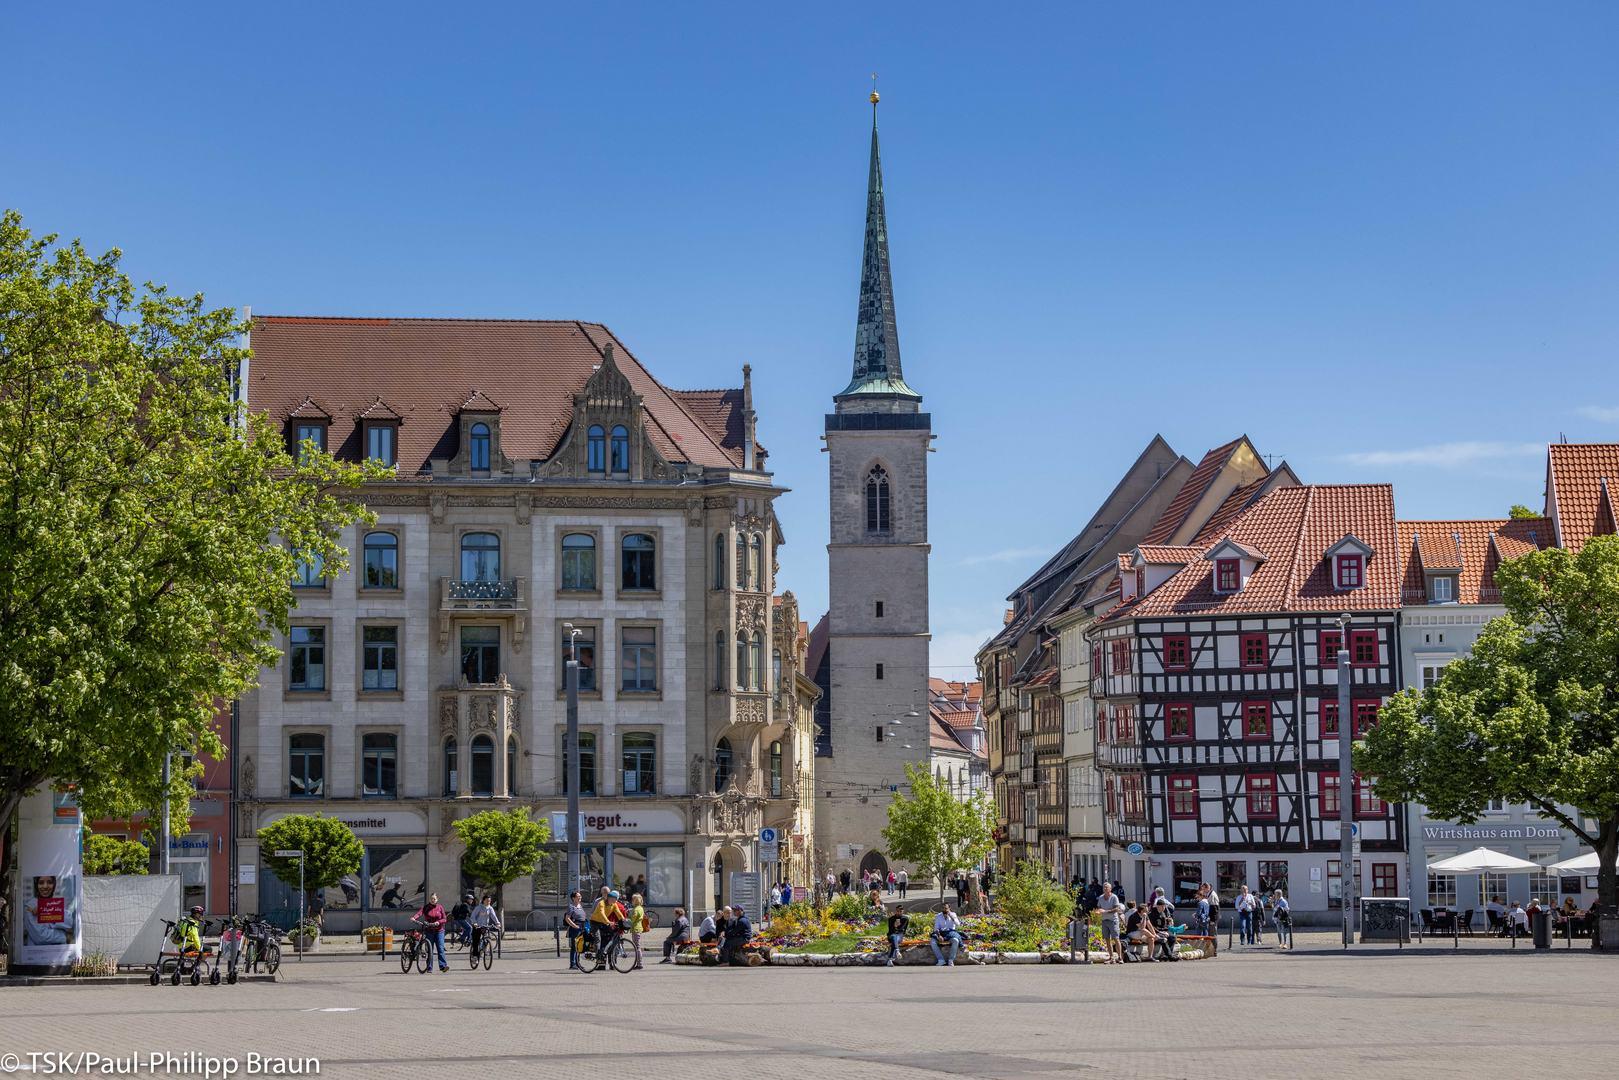 Blick auf die Allerheiligenkirche in der Marktstraße. Blick vom Domplatz aus.